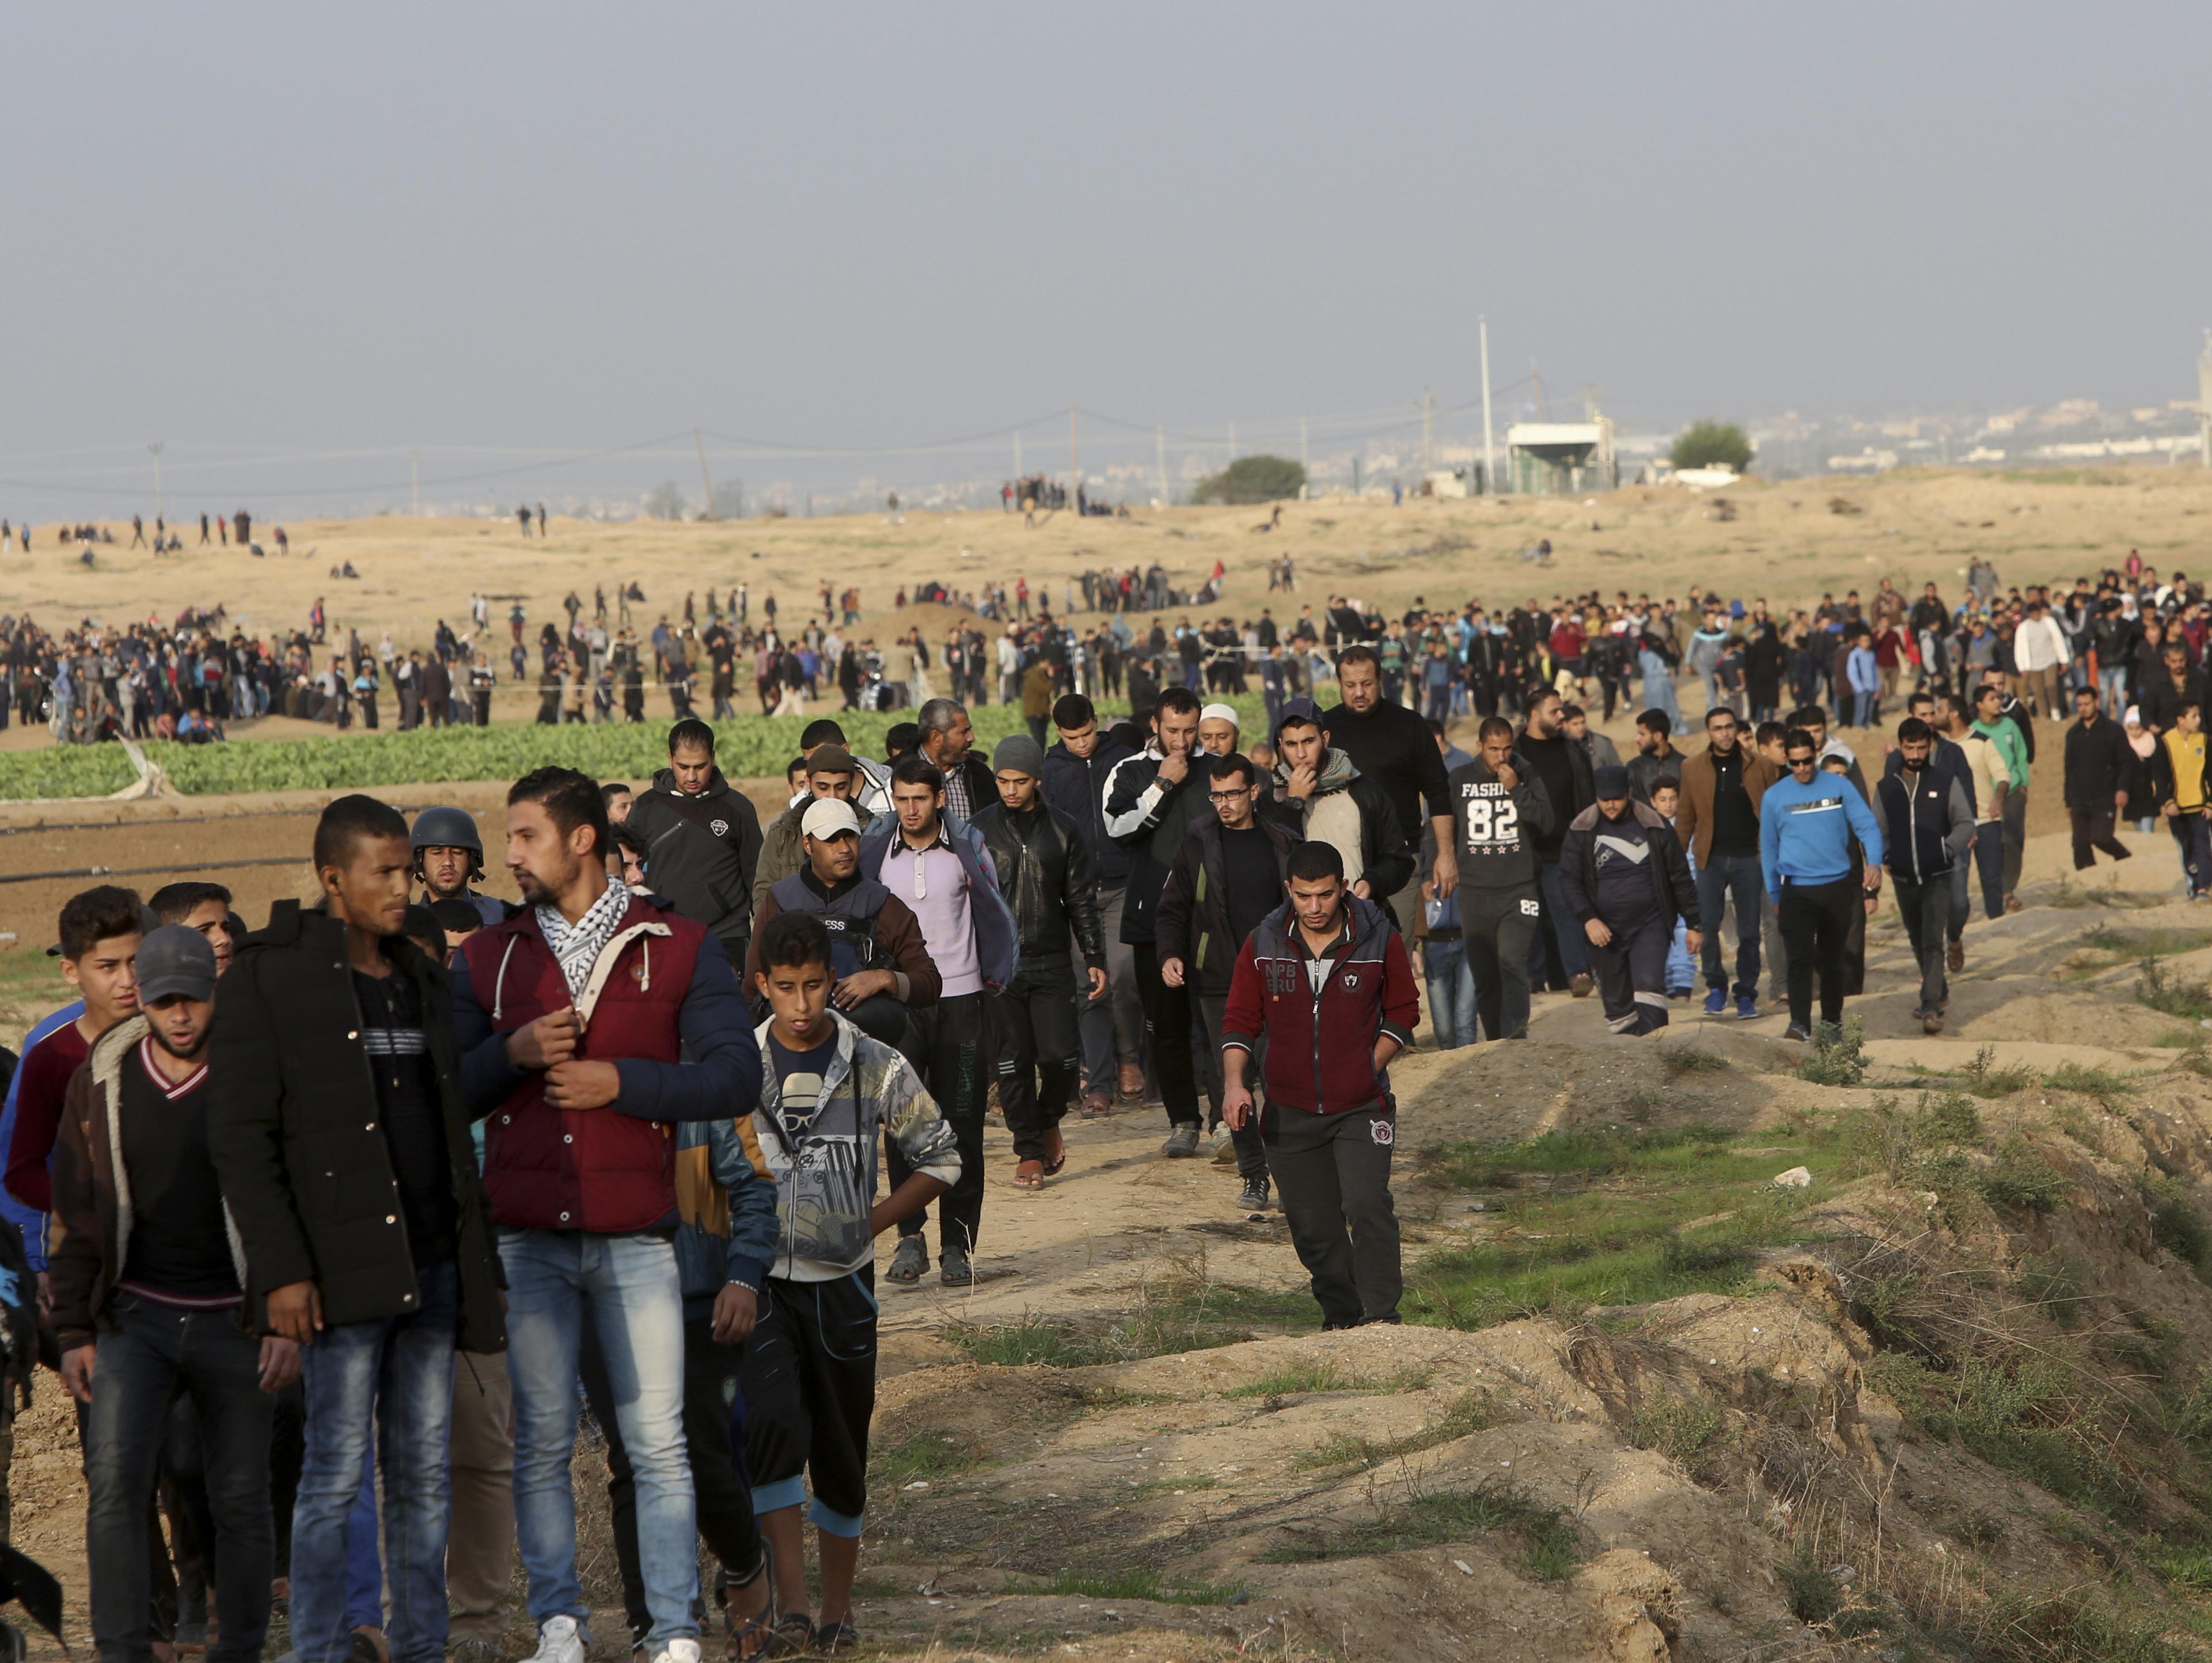 אלפים בהפרות סדר בגבול עזה; עשרות פלסטינים נפצעו